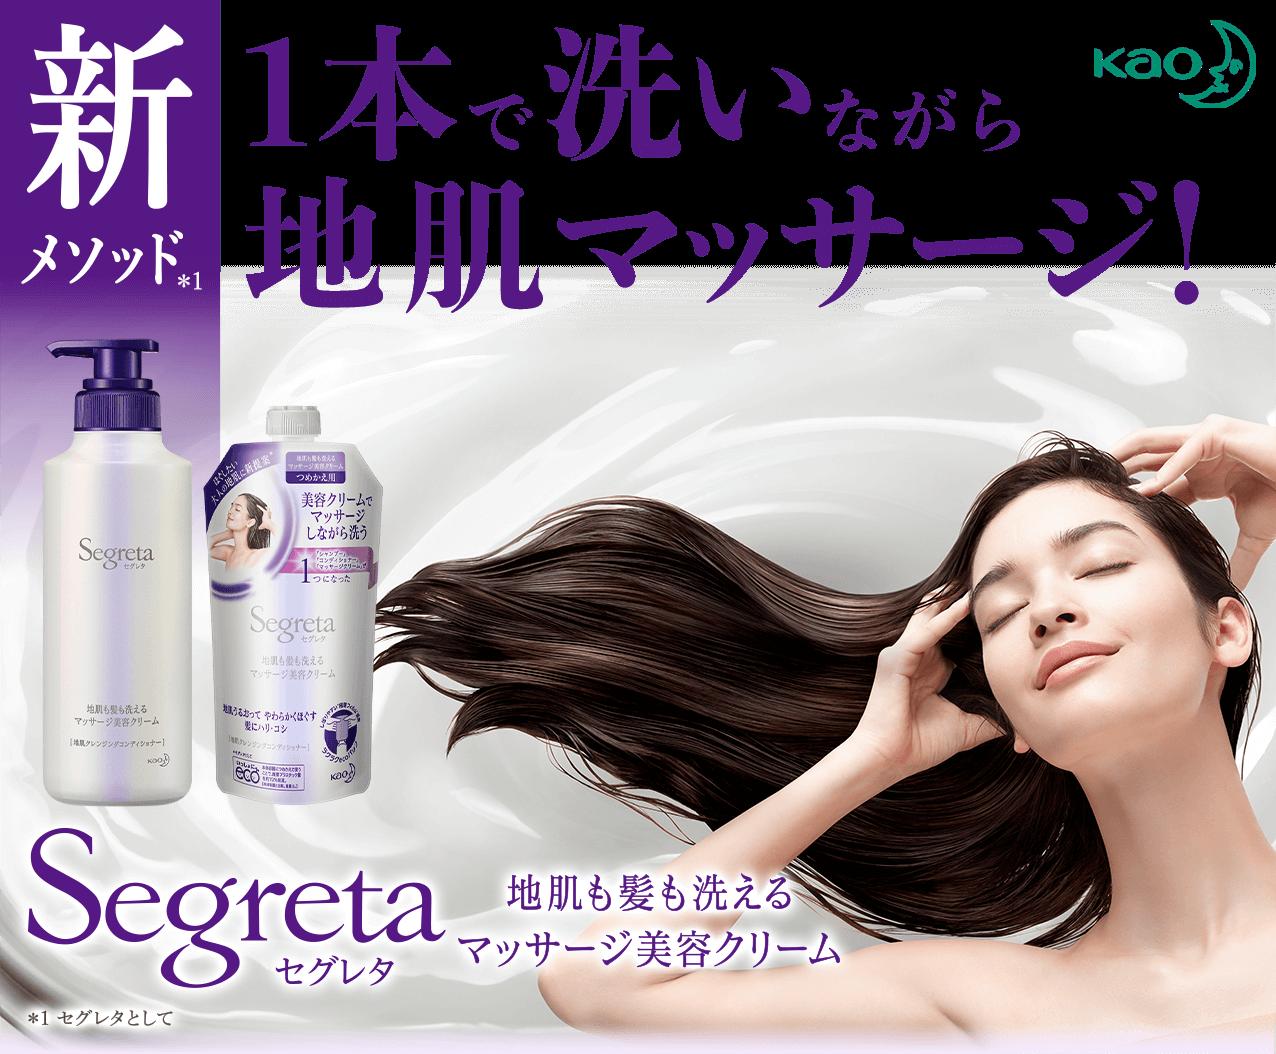 新メソッド 乾燥してかたくなりがちな地肌に 美容クリームでマッサージしながら洗う Segreta(セグレタ) 地肌も髪も洗えるマッサージ美容クリーム